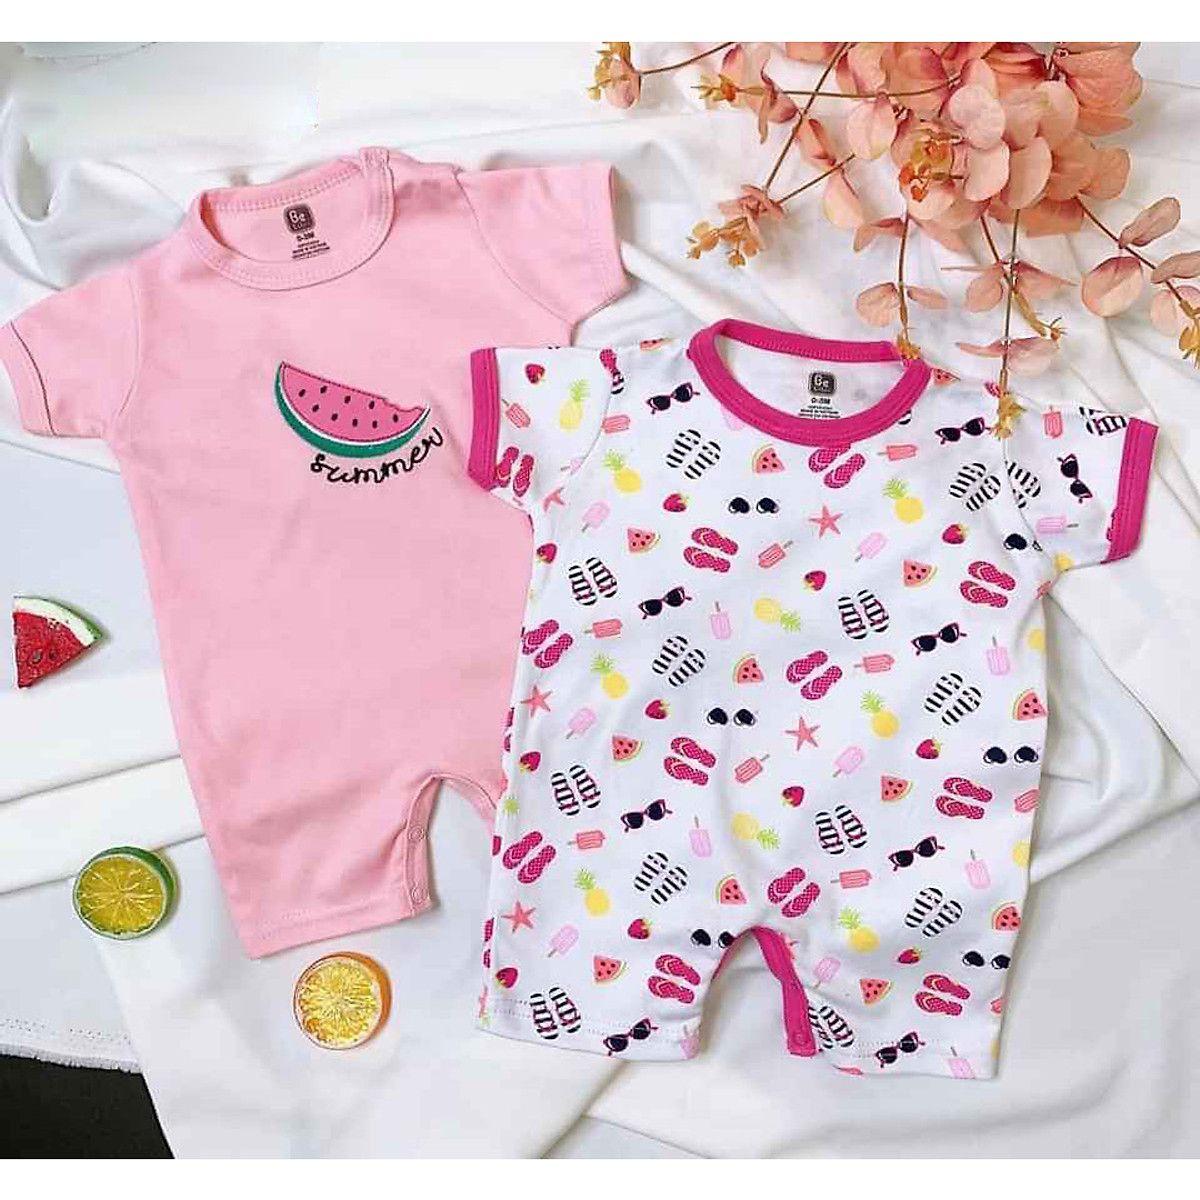 Set 2 áo liền quần áo cho bé sơ sinh, đồ sơ sinh mùa hè trong 2020 | Quần áo,  Áo liền quần, Mùa hè